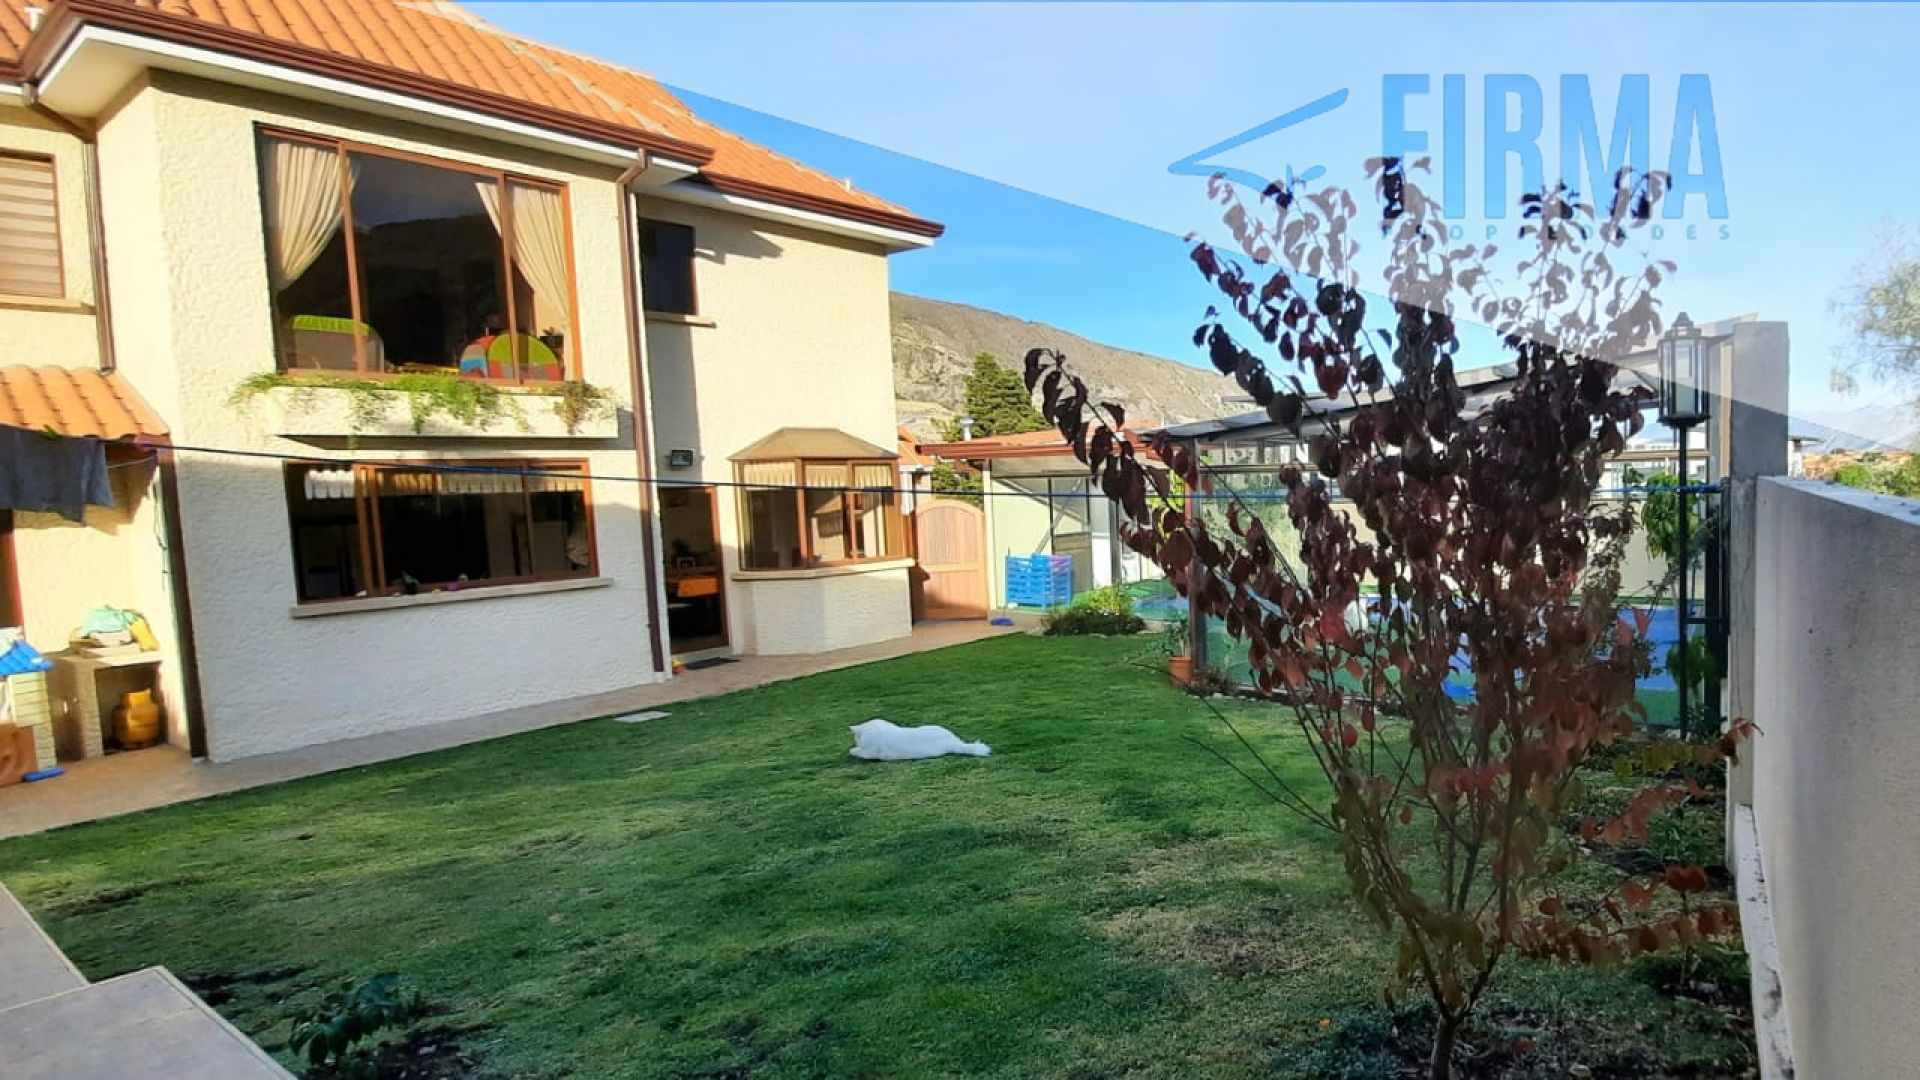 Casa en Venta COMPRA ESTA HERMOSA CASA EN UMAMANTA JUPAPINA FASE 2 Foto 2